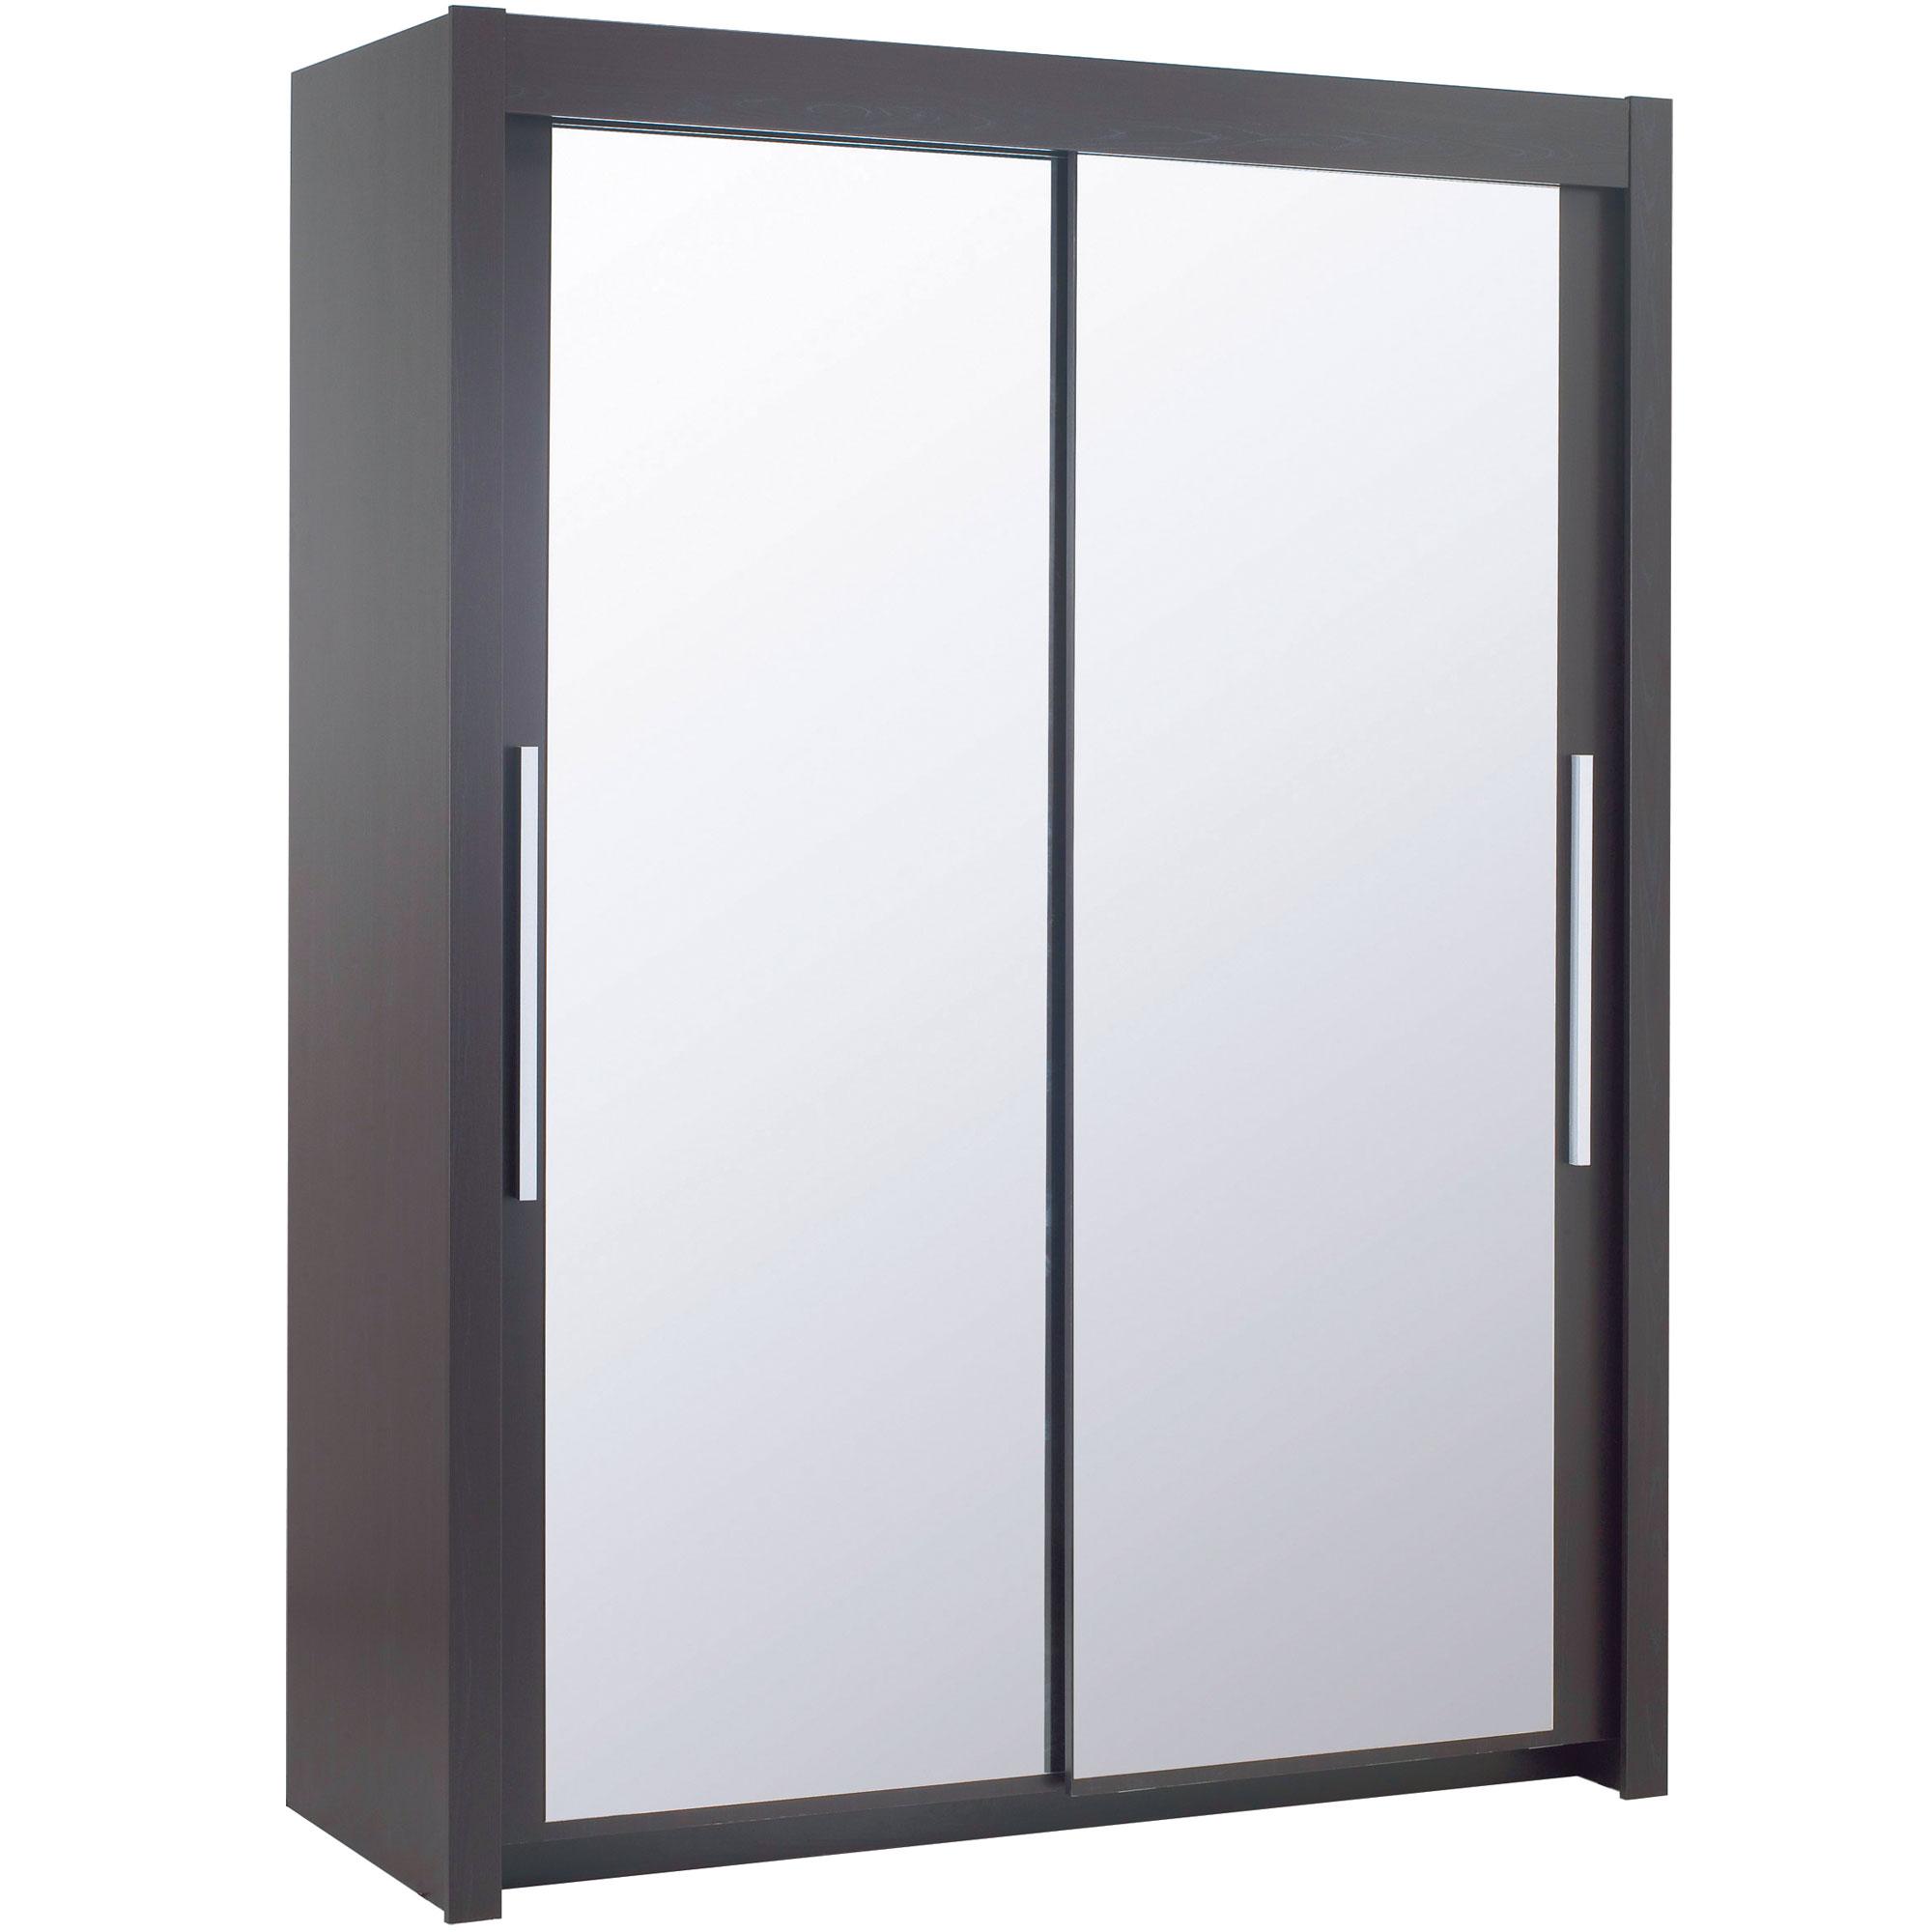 #585873 Armoire 2 Portes Coulissantes Actua Wengé Anniversaire 40 Ans 1031 armoire portes coulissantes miroir but 2000x2000 px @ aertt.com